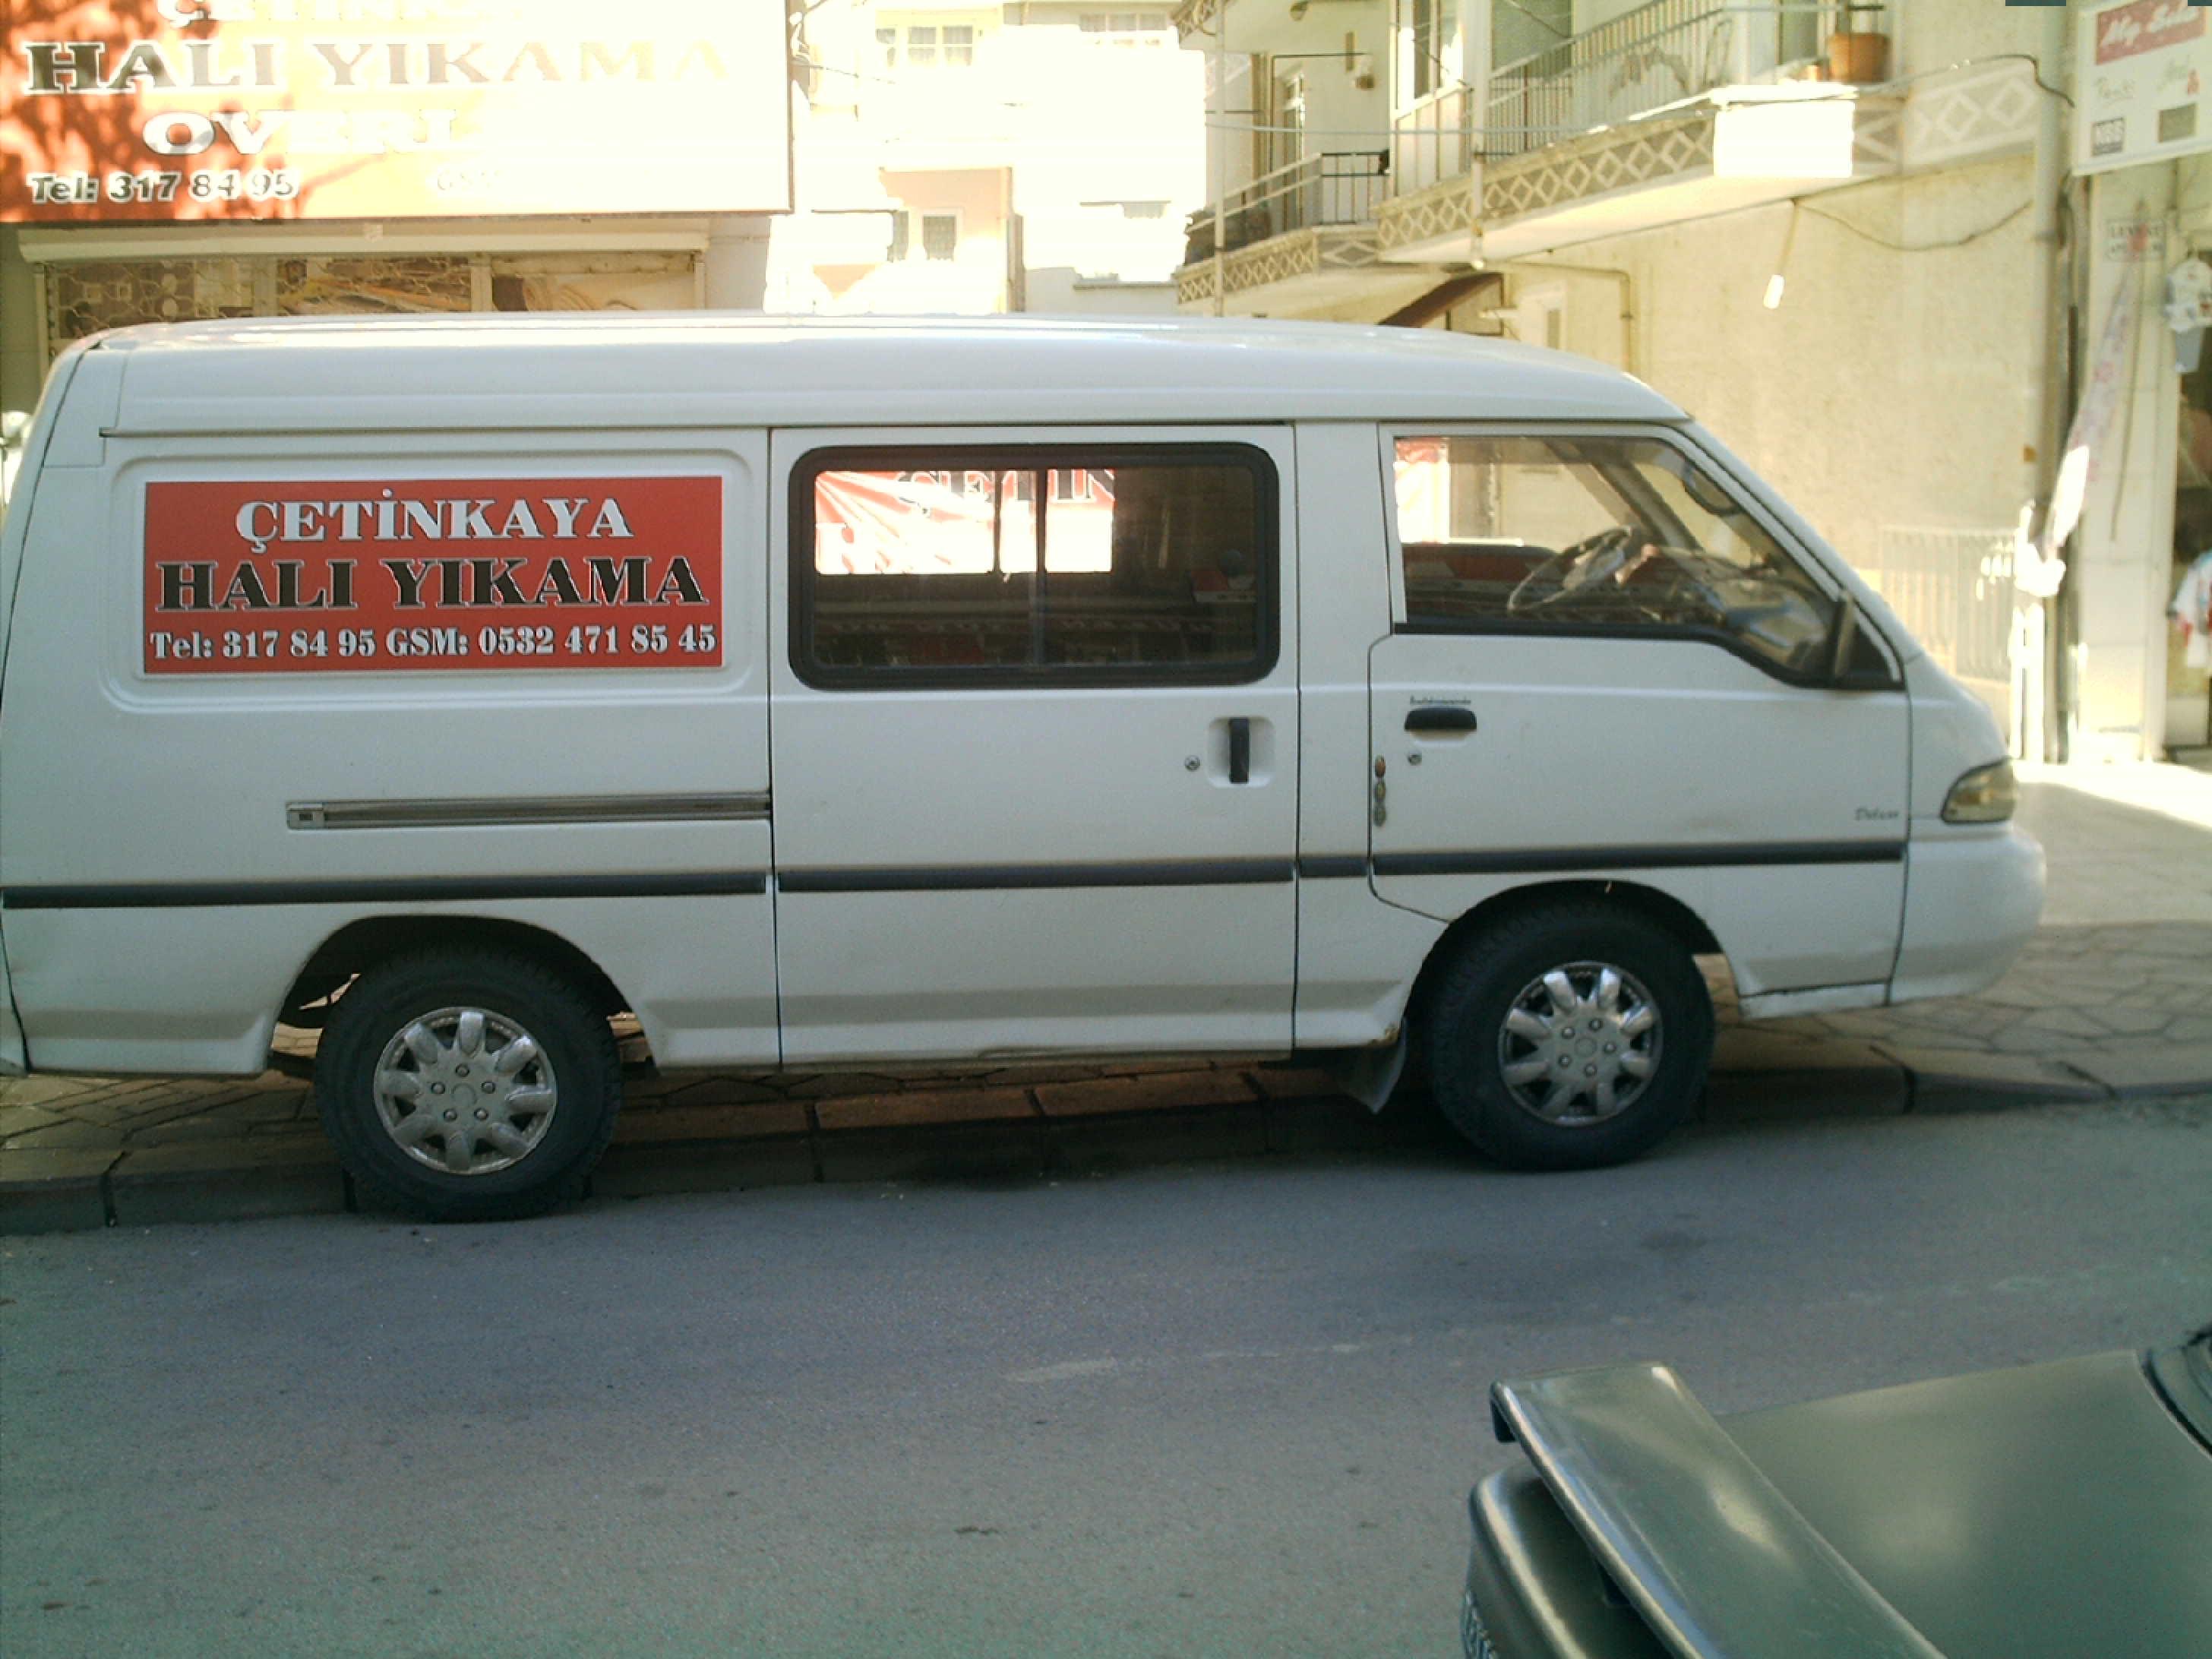 karacakaya_hali_yikama_servis_araci